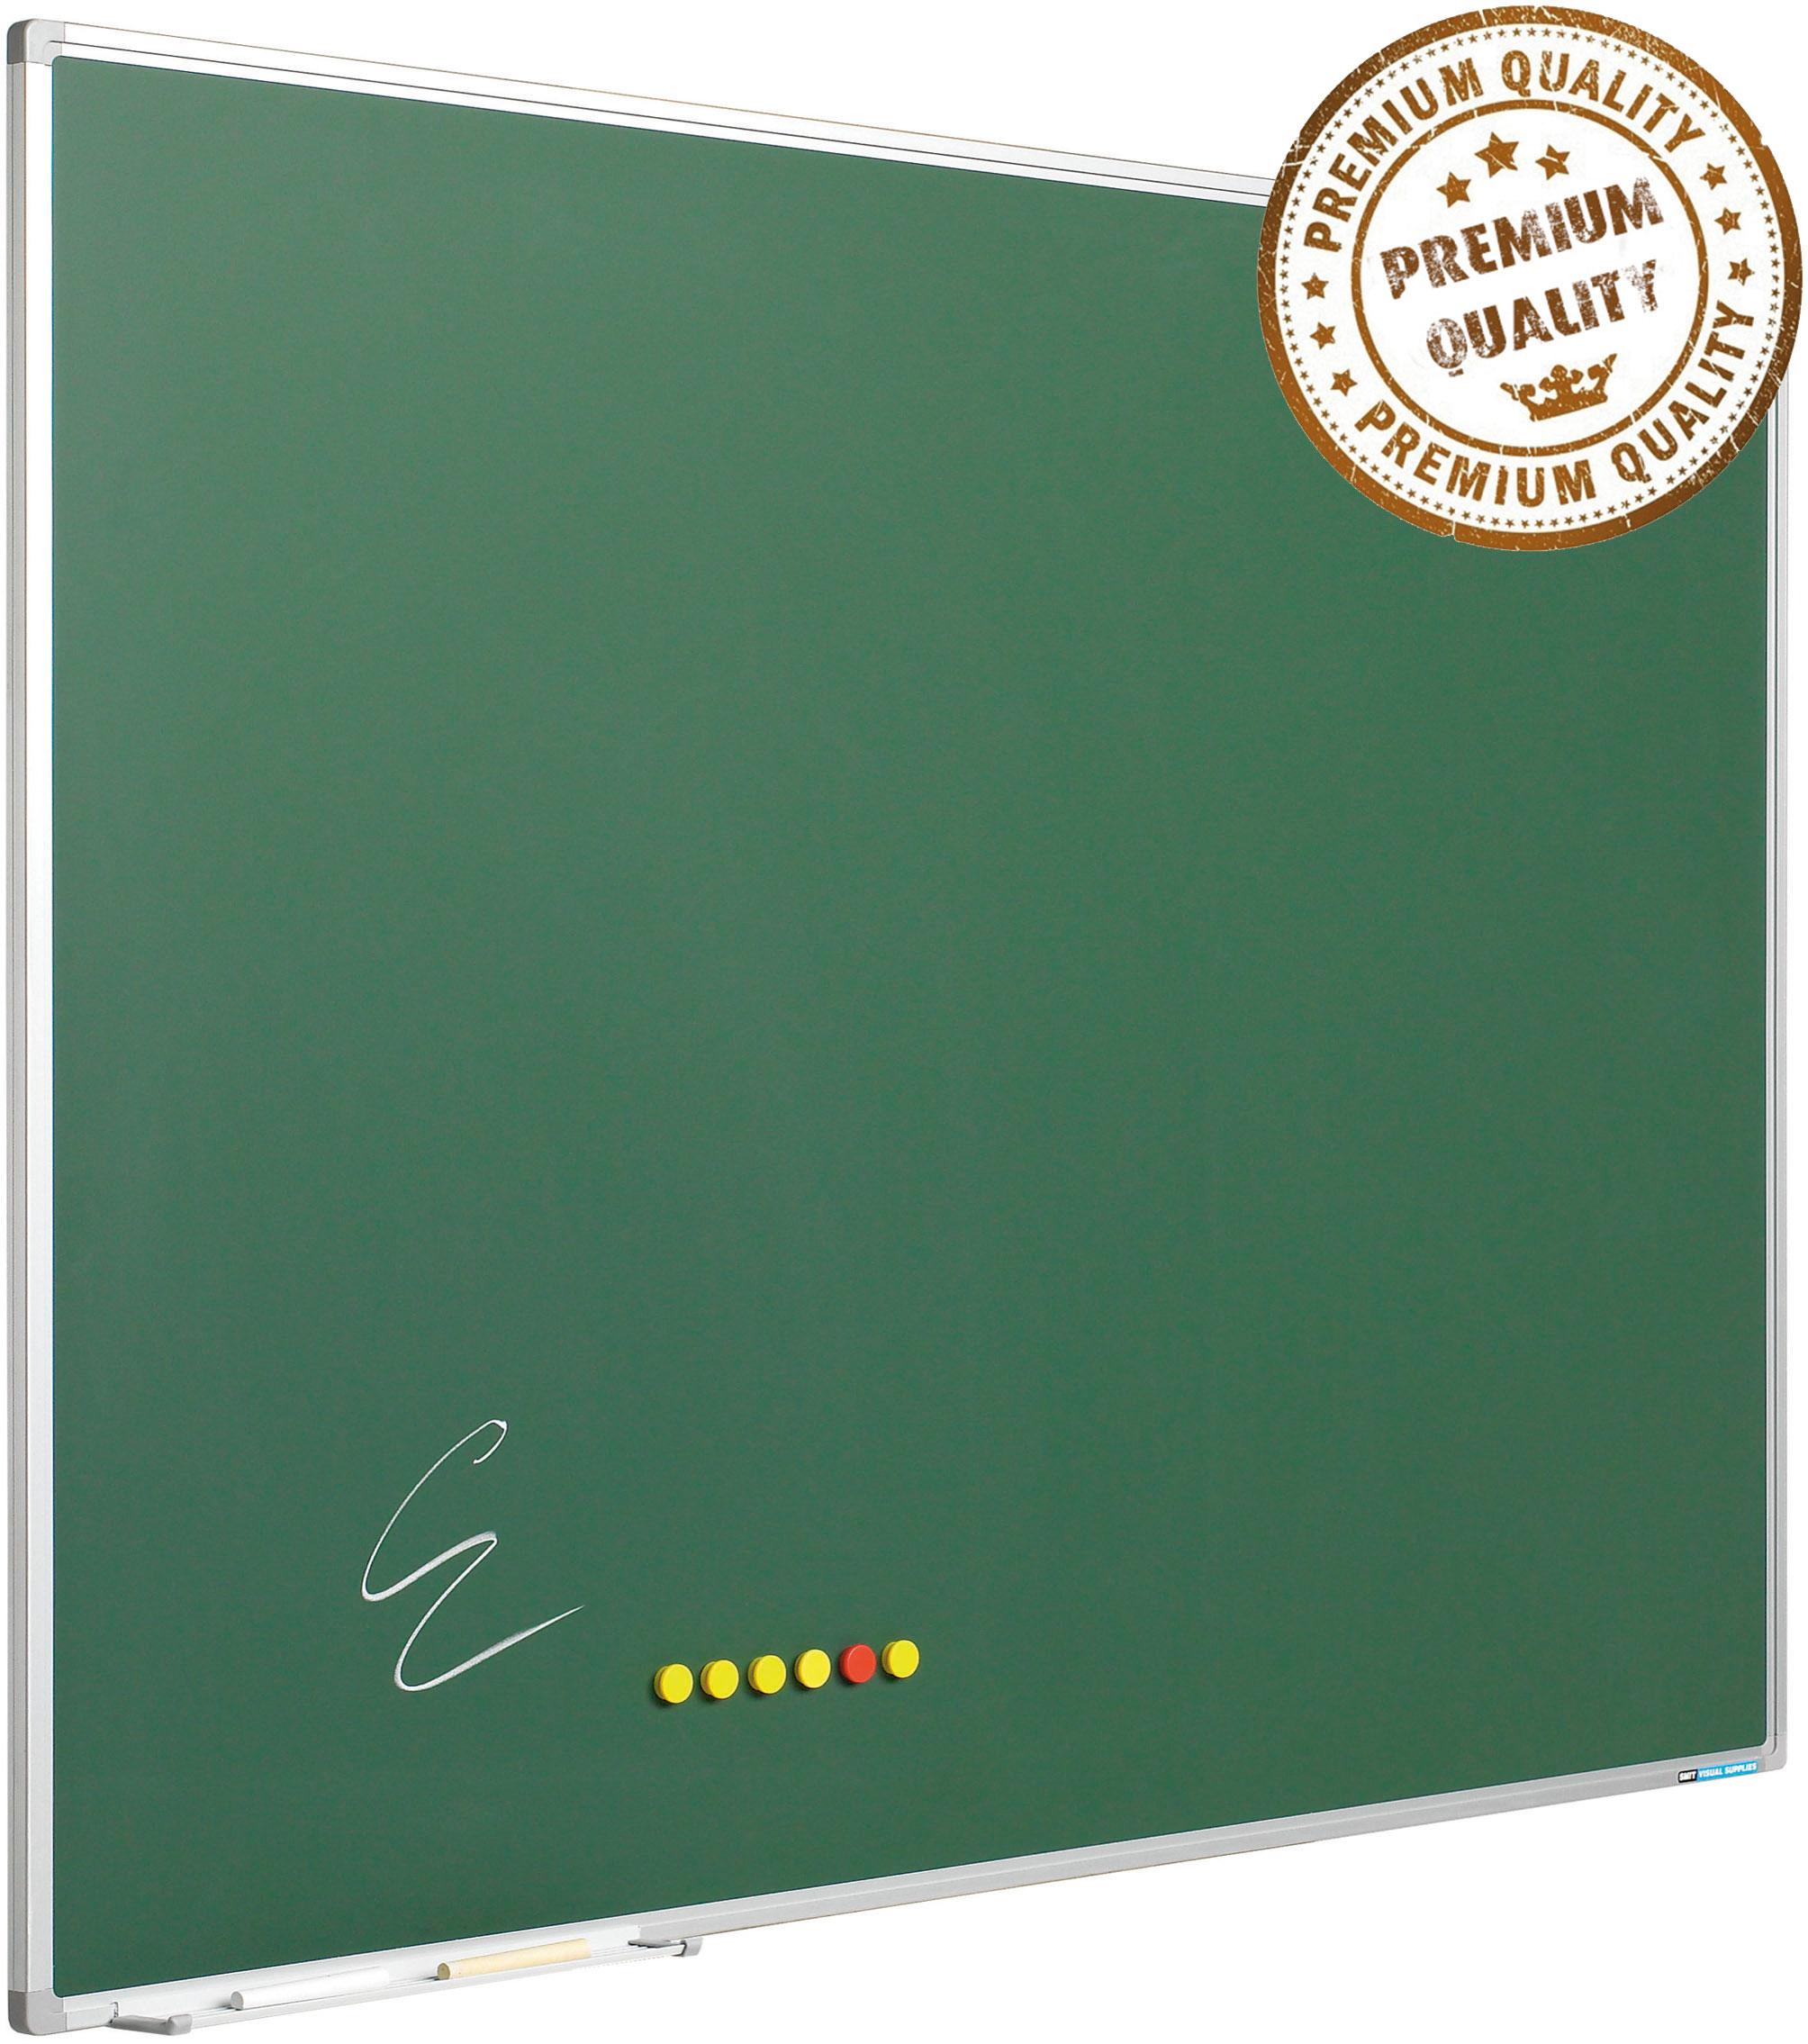 Kreidetafel Tafel Schultafel Weißboard grün emailliert Größe variabel  VOS Jost | Auktion  | Qualität Produkt  | Vorzugspreis